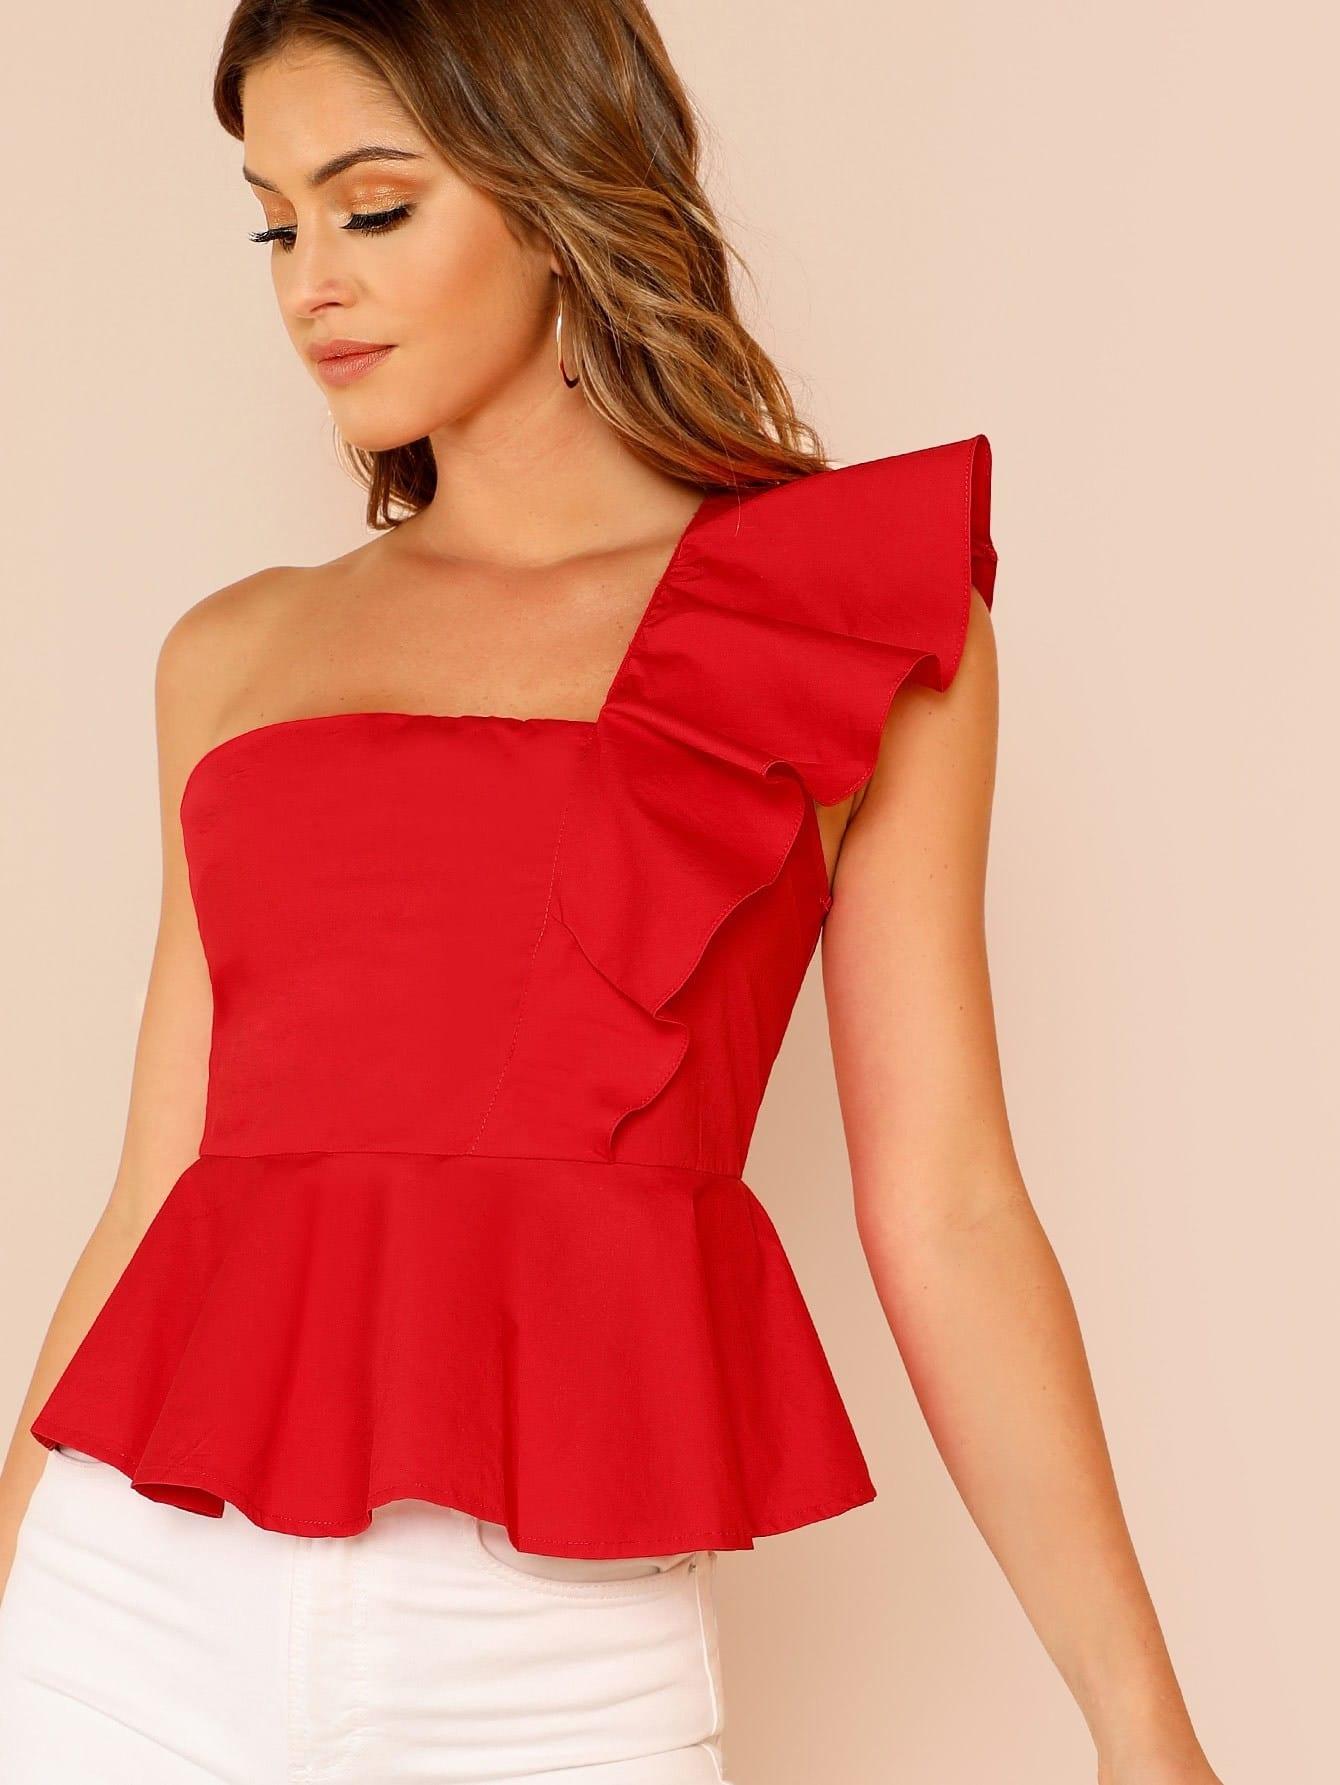 Ruffle Trim One Shoulder Peplum Top ruffle shoulder rib knit peplum top